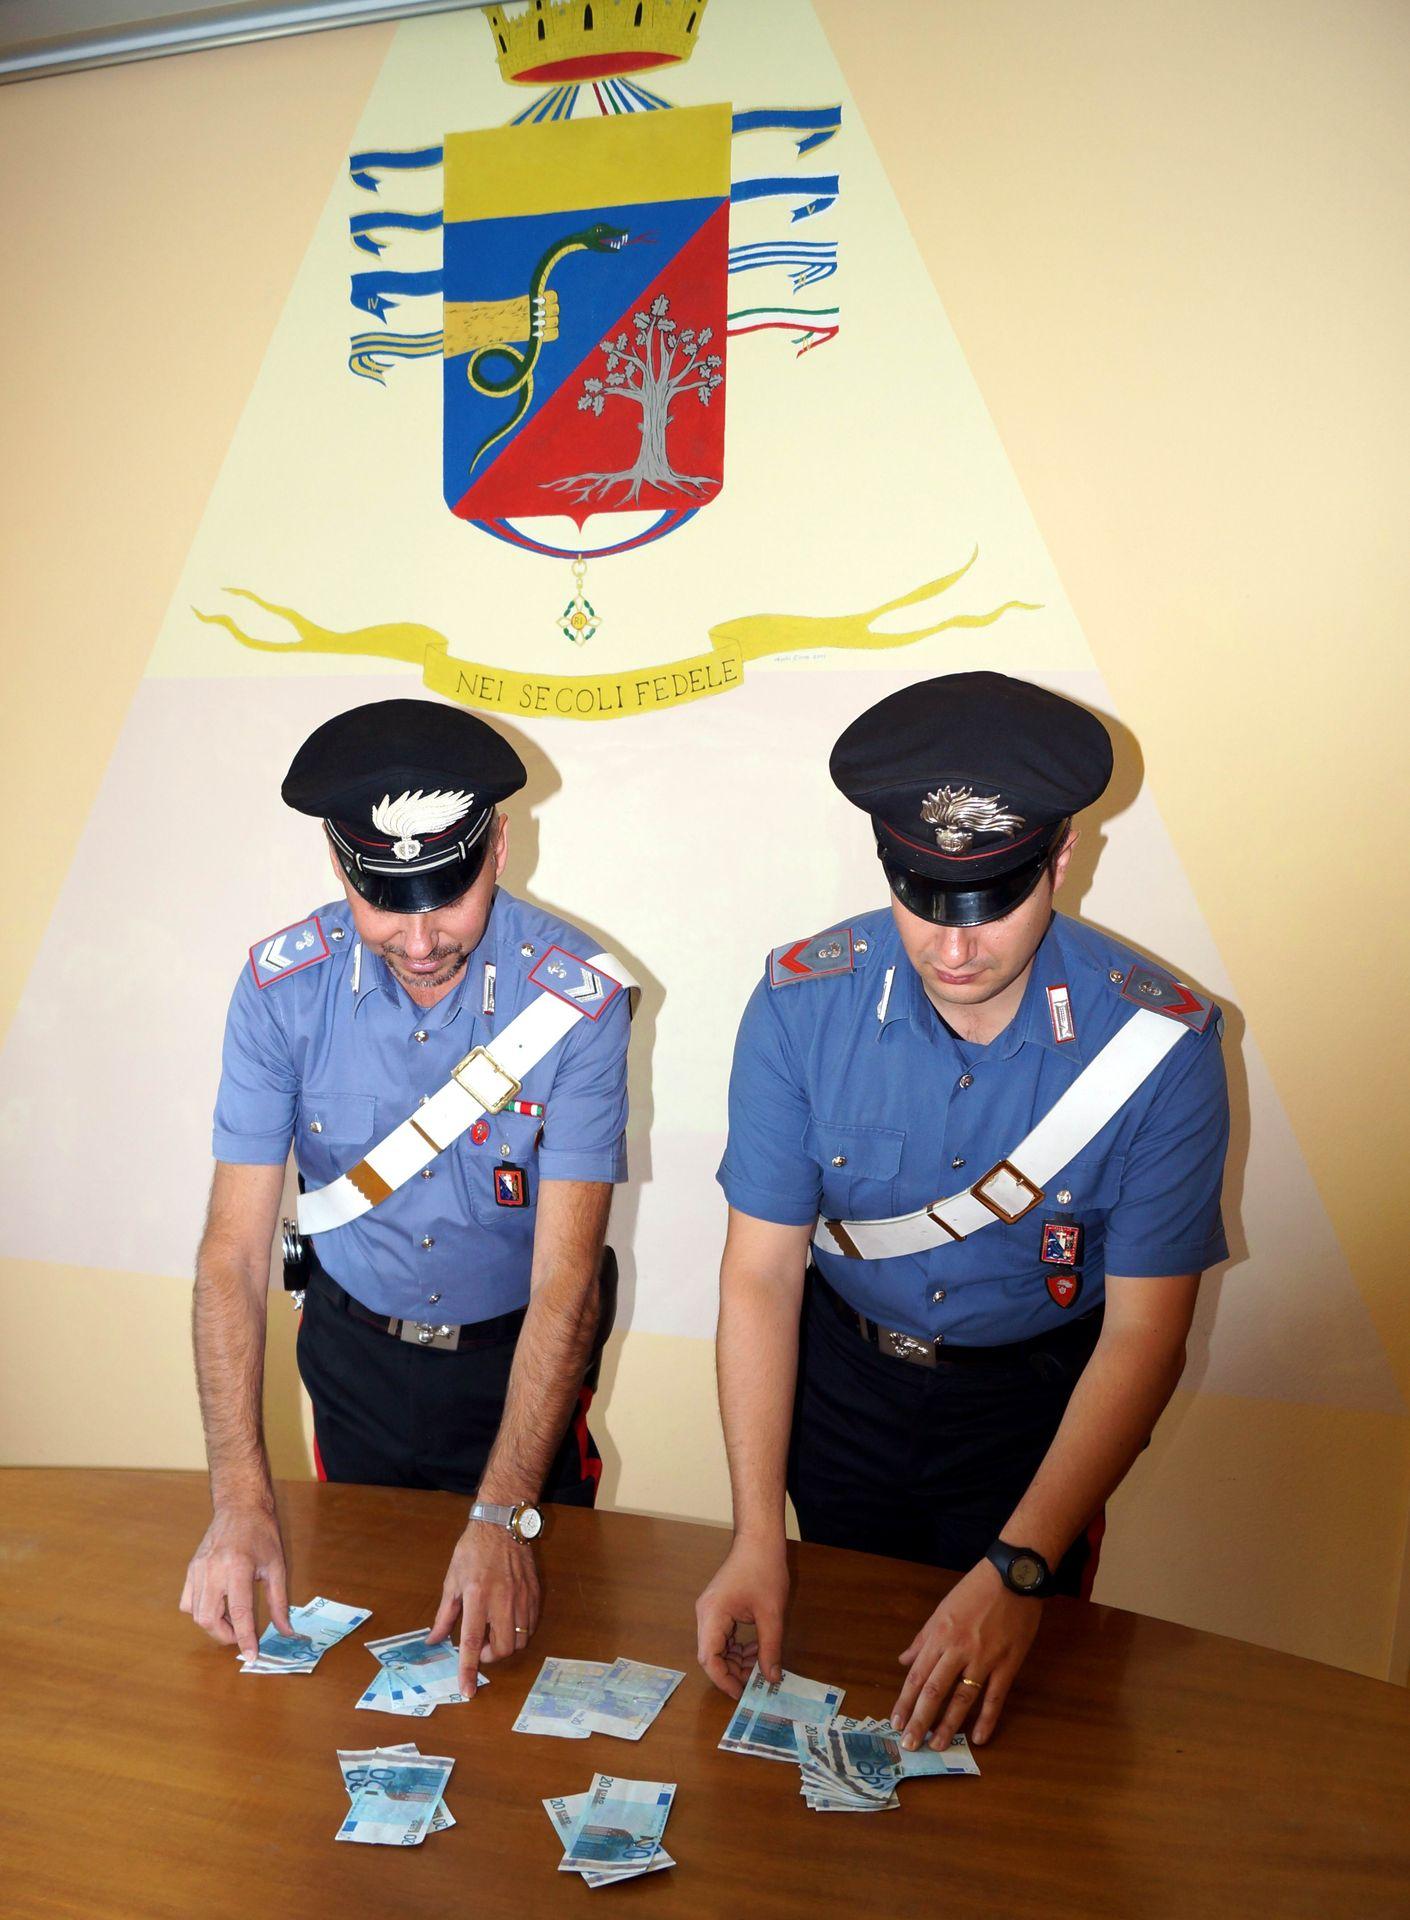 La Guida - Banconote false di piccolo taglio, preso 21enne albese